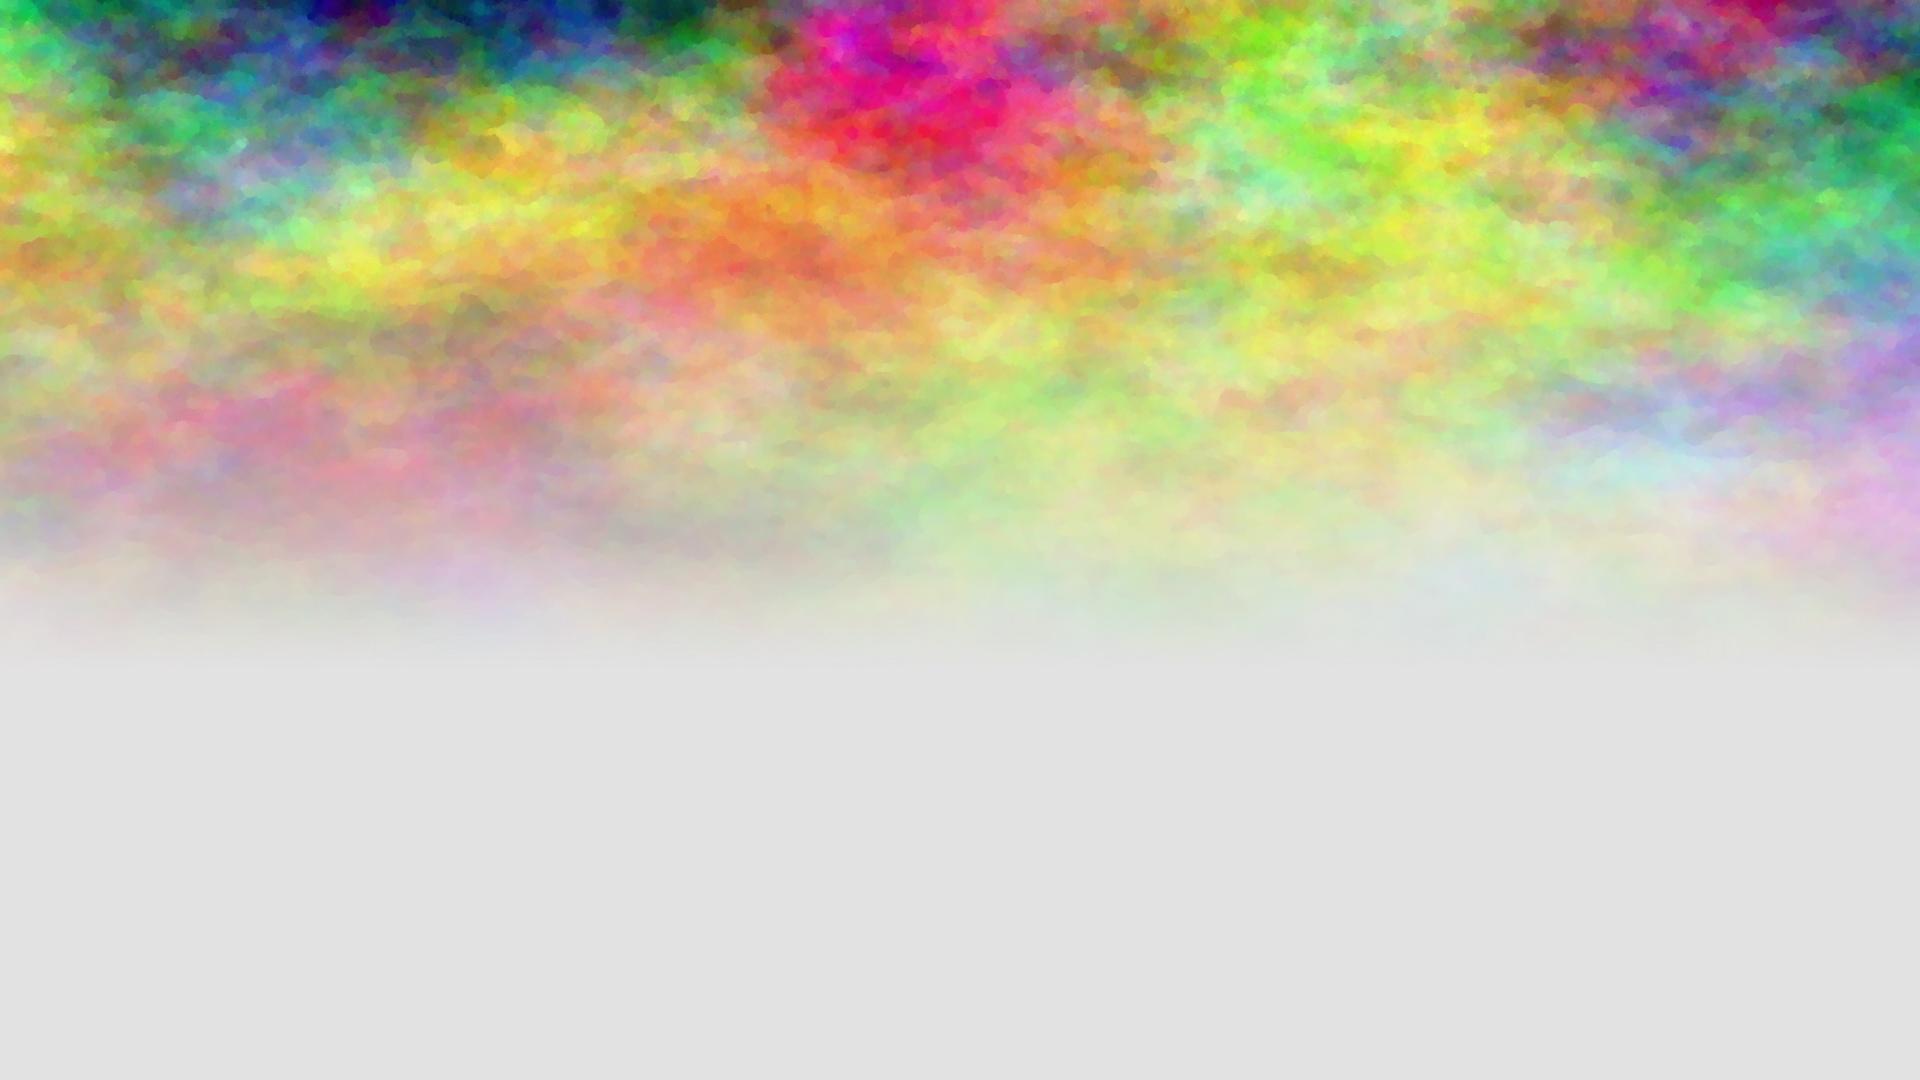 Colored wallpapers wallpaper cave for Sfondi per desktop colorati